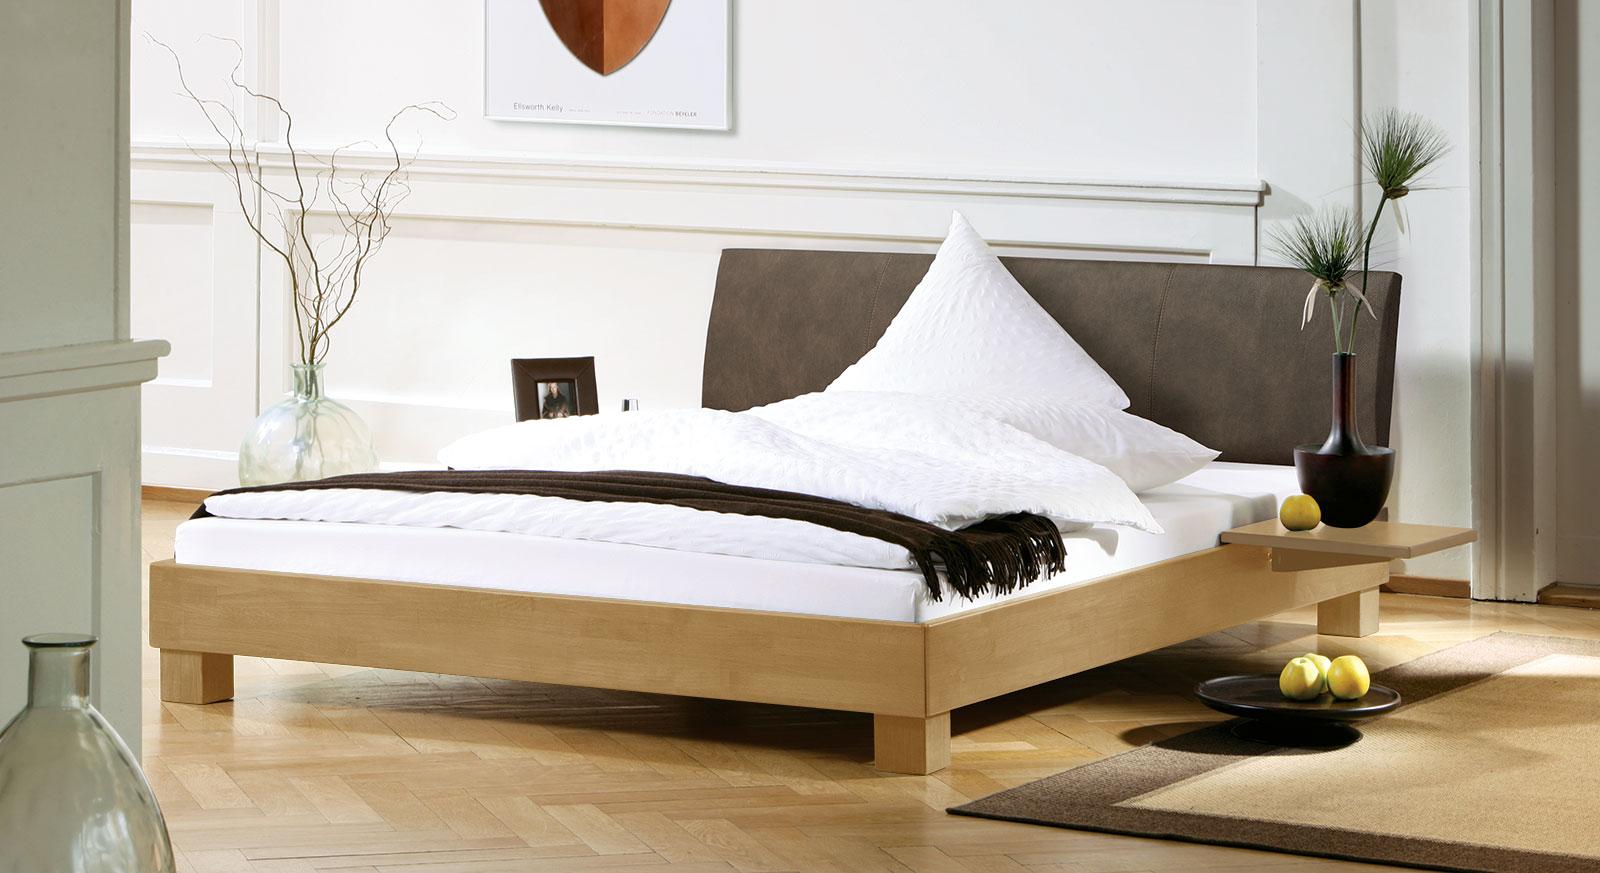 betten mit niedrigem kopfteil inspiration design familie. Black Bedroom Furniture Sets. Home Design Ideas